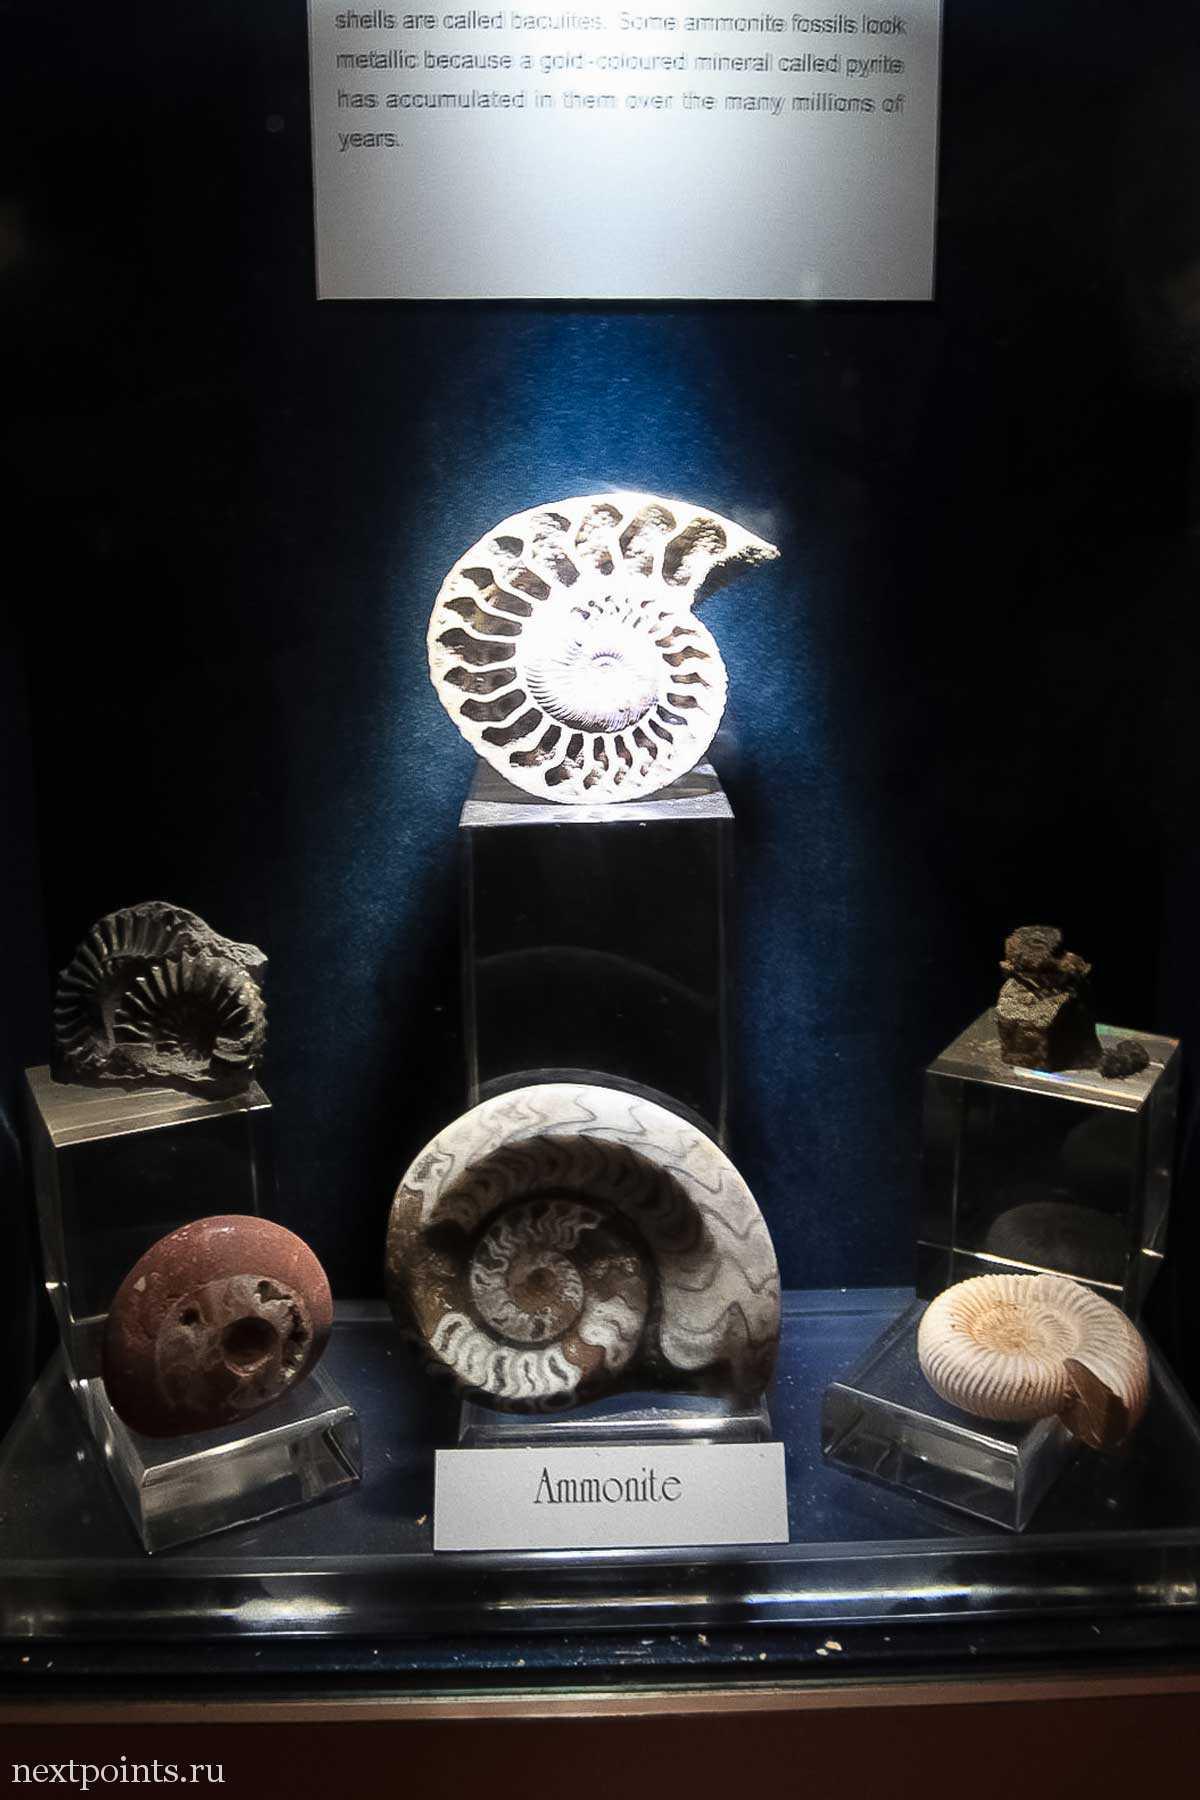 Окаменевшие экспонаты хищных моллюсков аммонитов. Вымерли вместе с динозаврами.